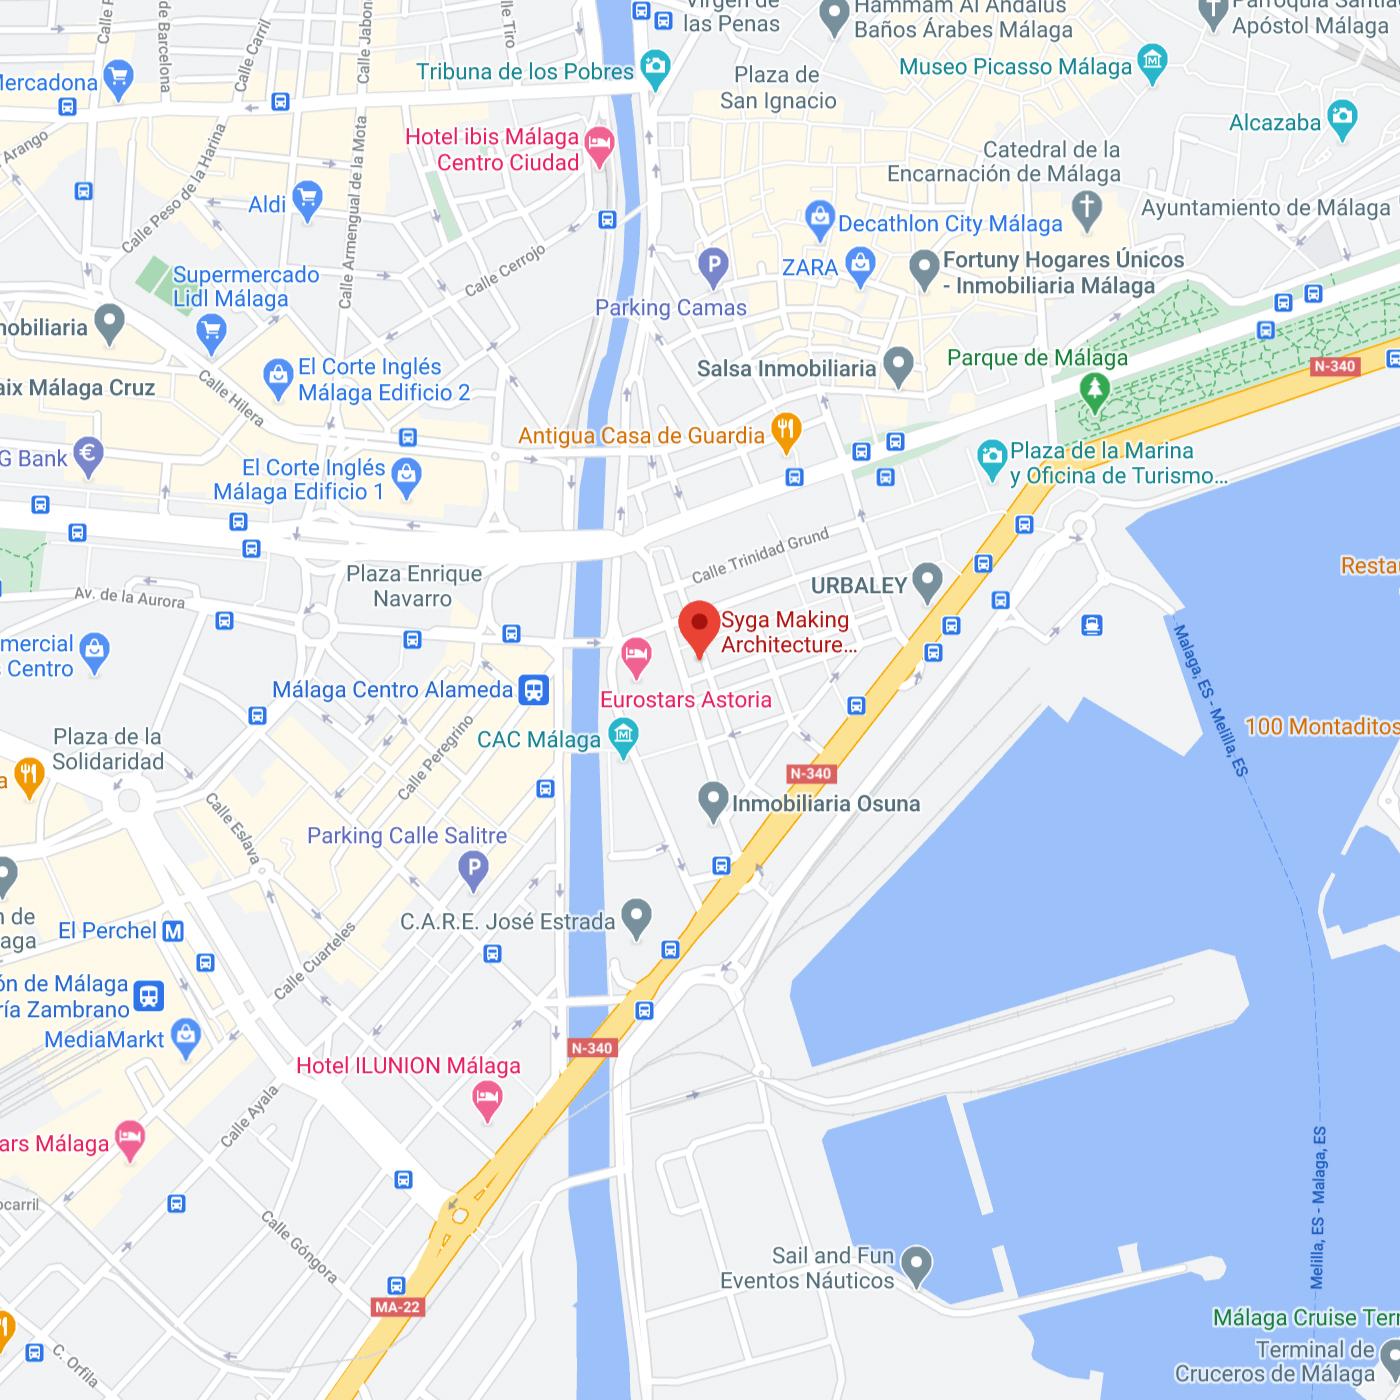 http://syga.es/wp-content/uploads/syga-mapa.jpg